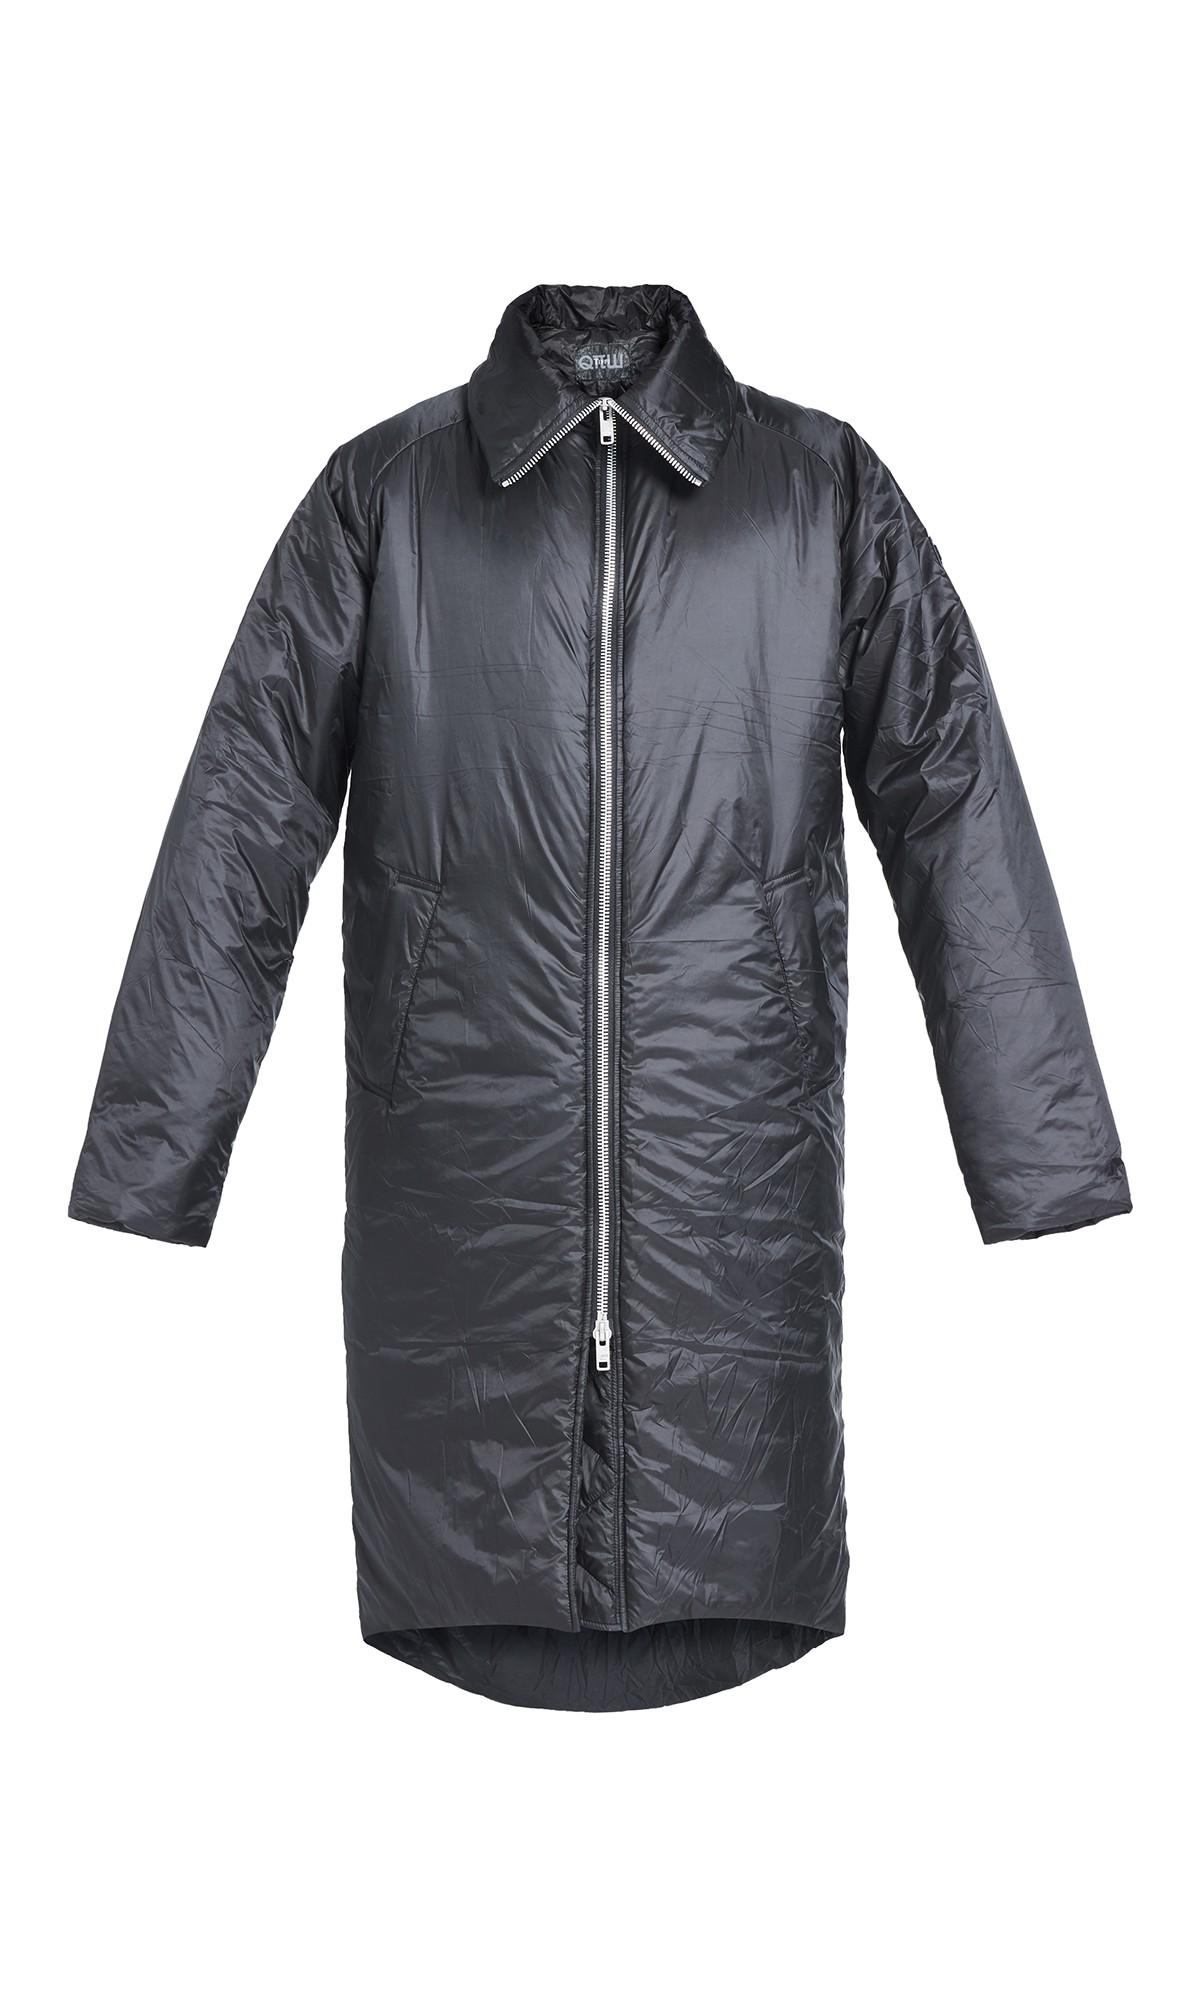 Długi Płaszcz Kupisza x Tiffi, w kolorze  czarnym, unisex